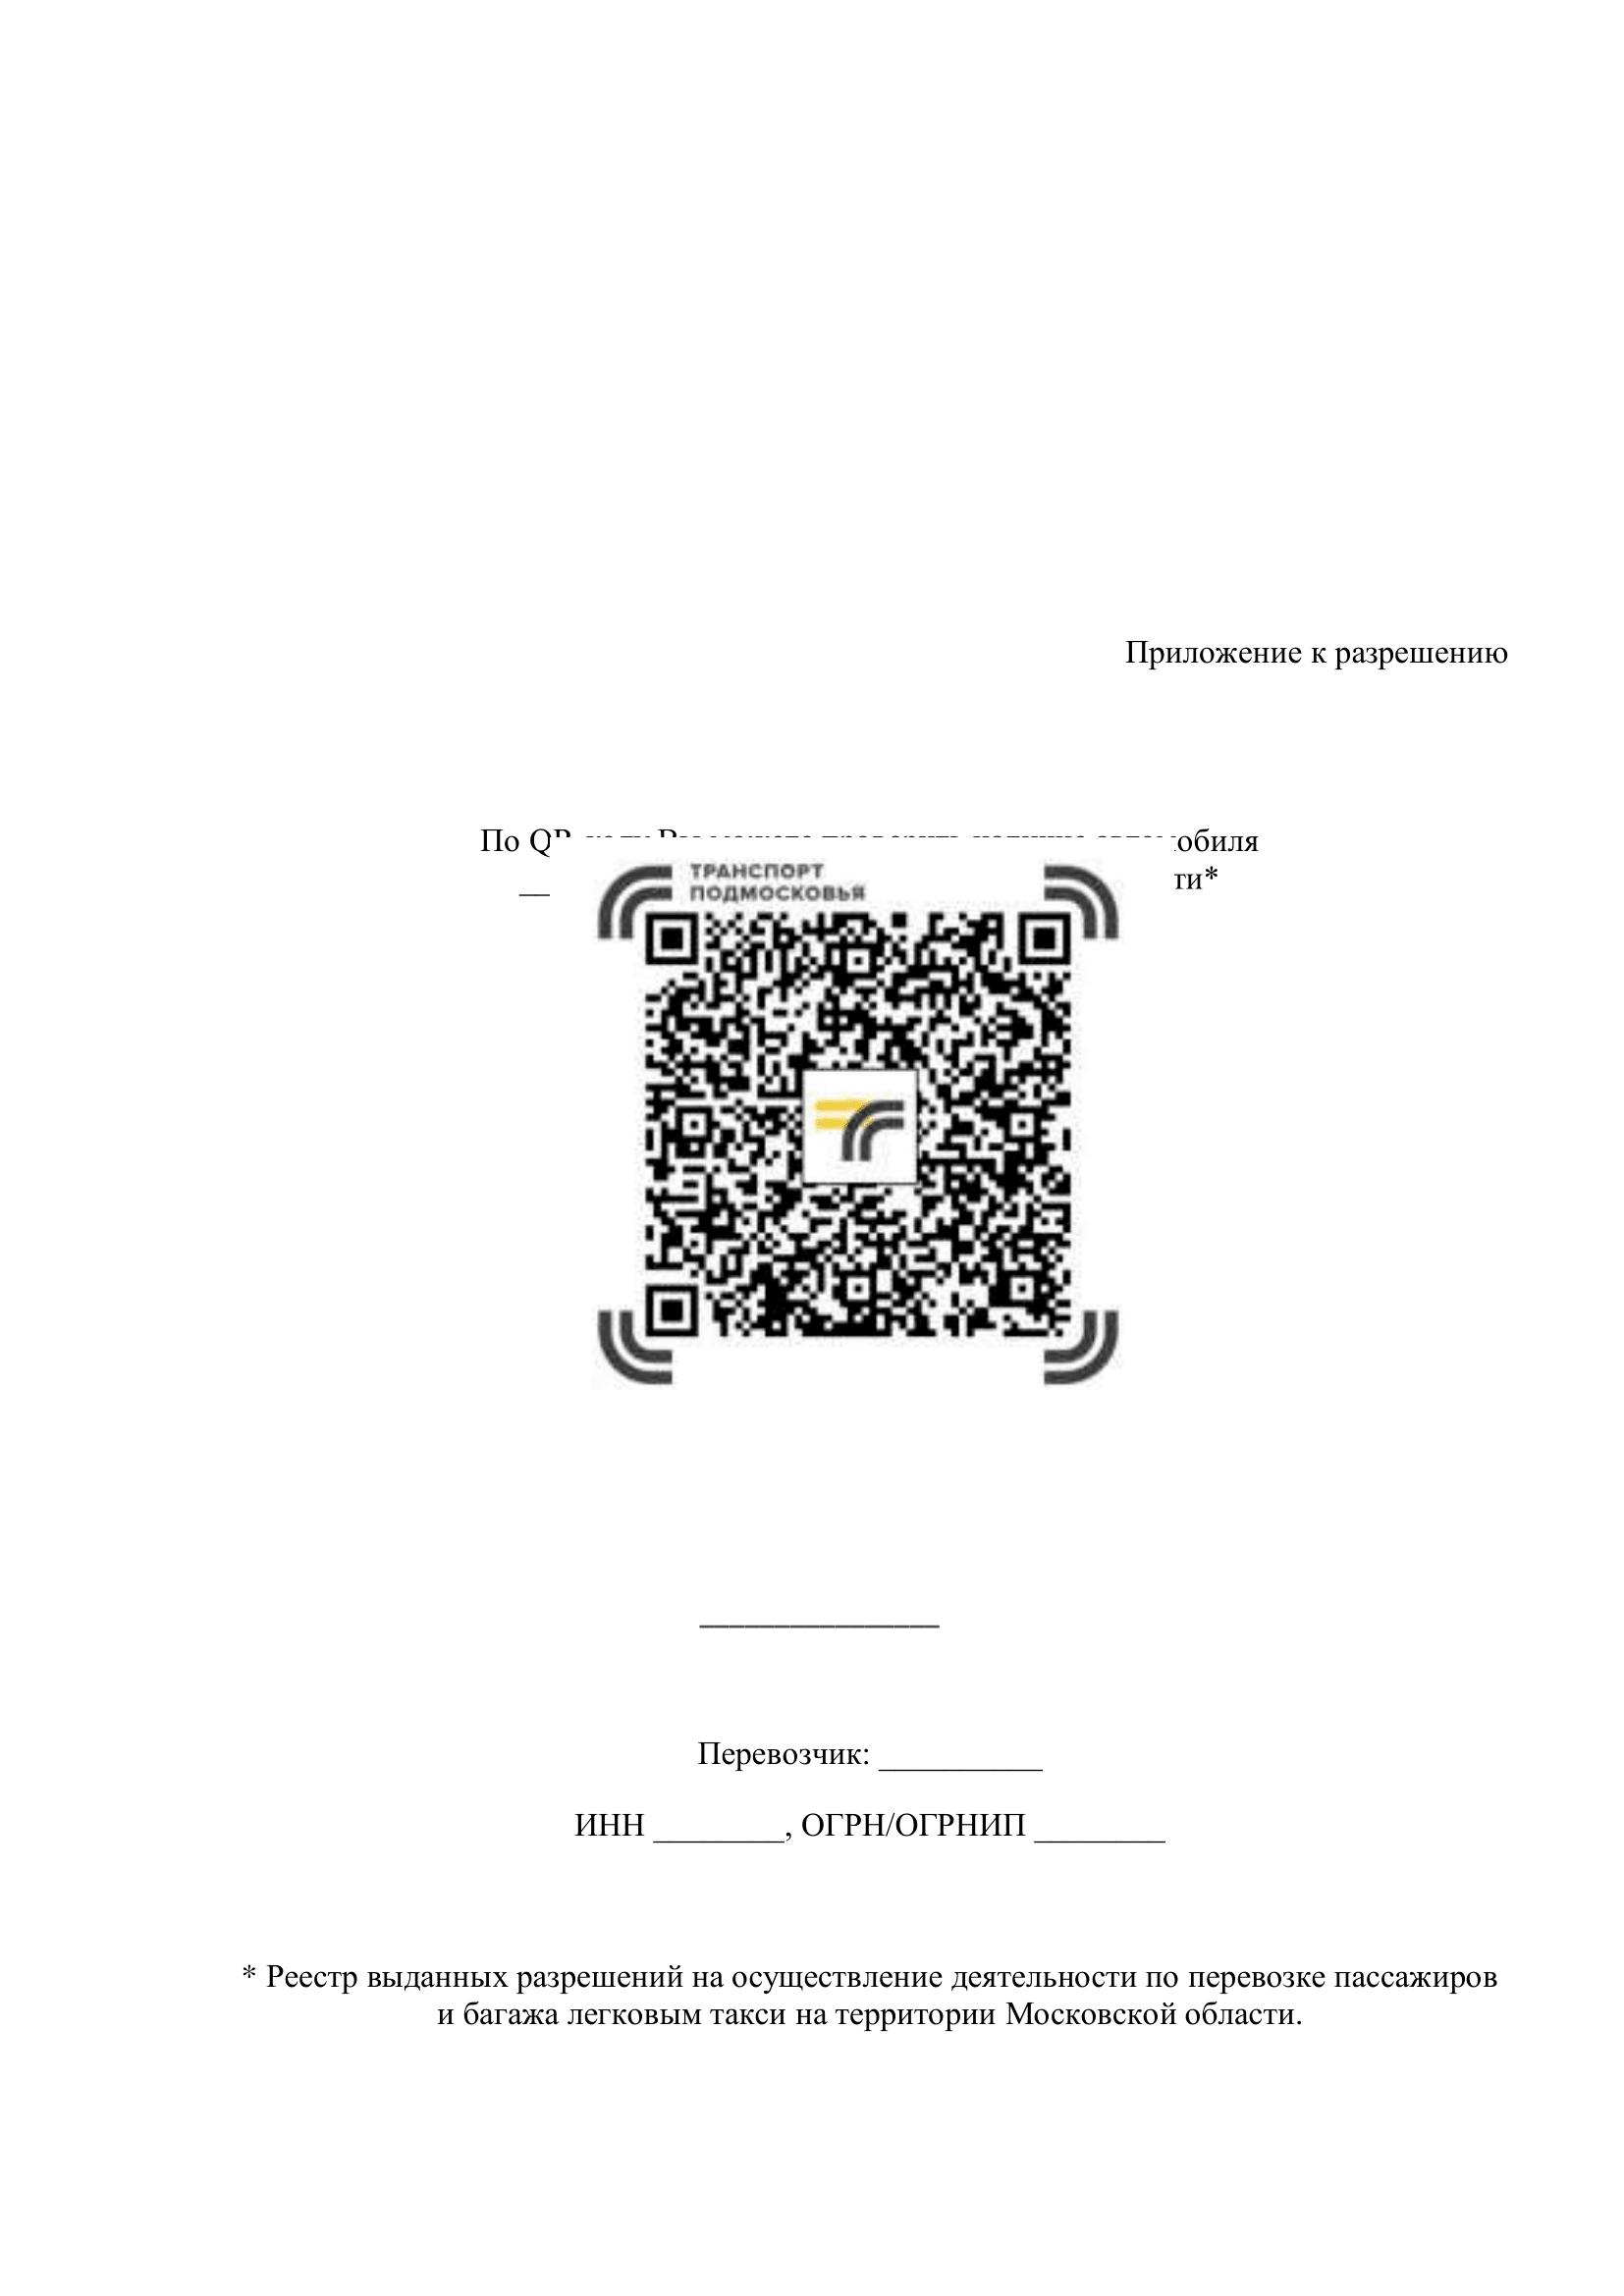 QR-код разрешения на перевозку пассажиров и багажа